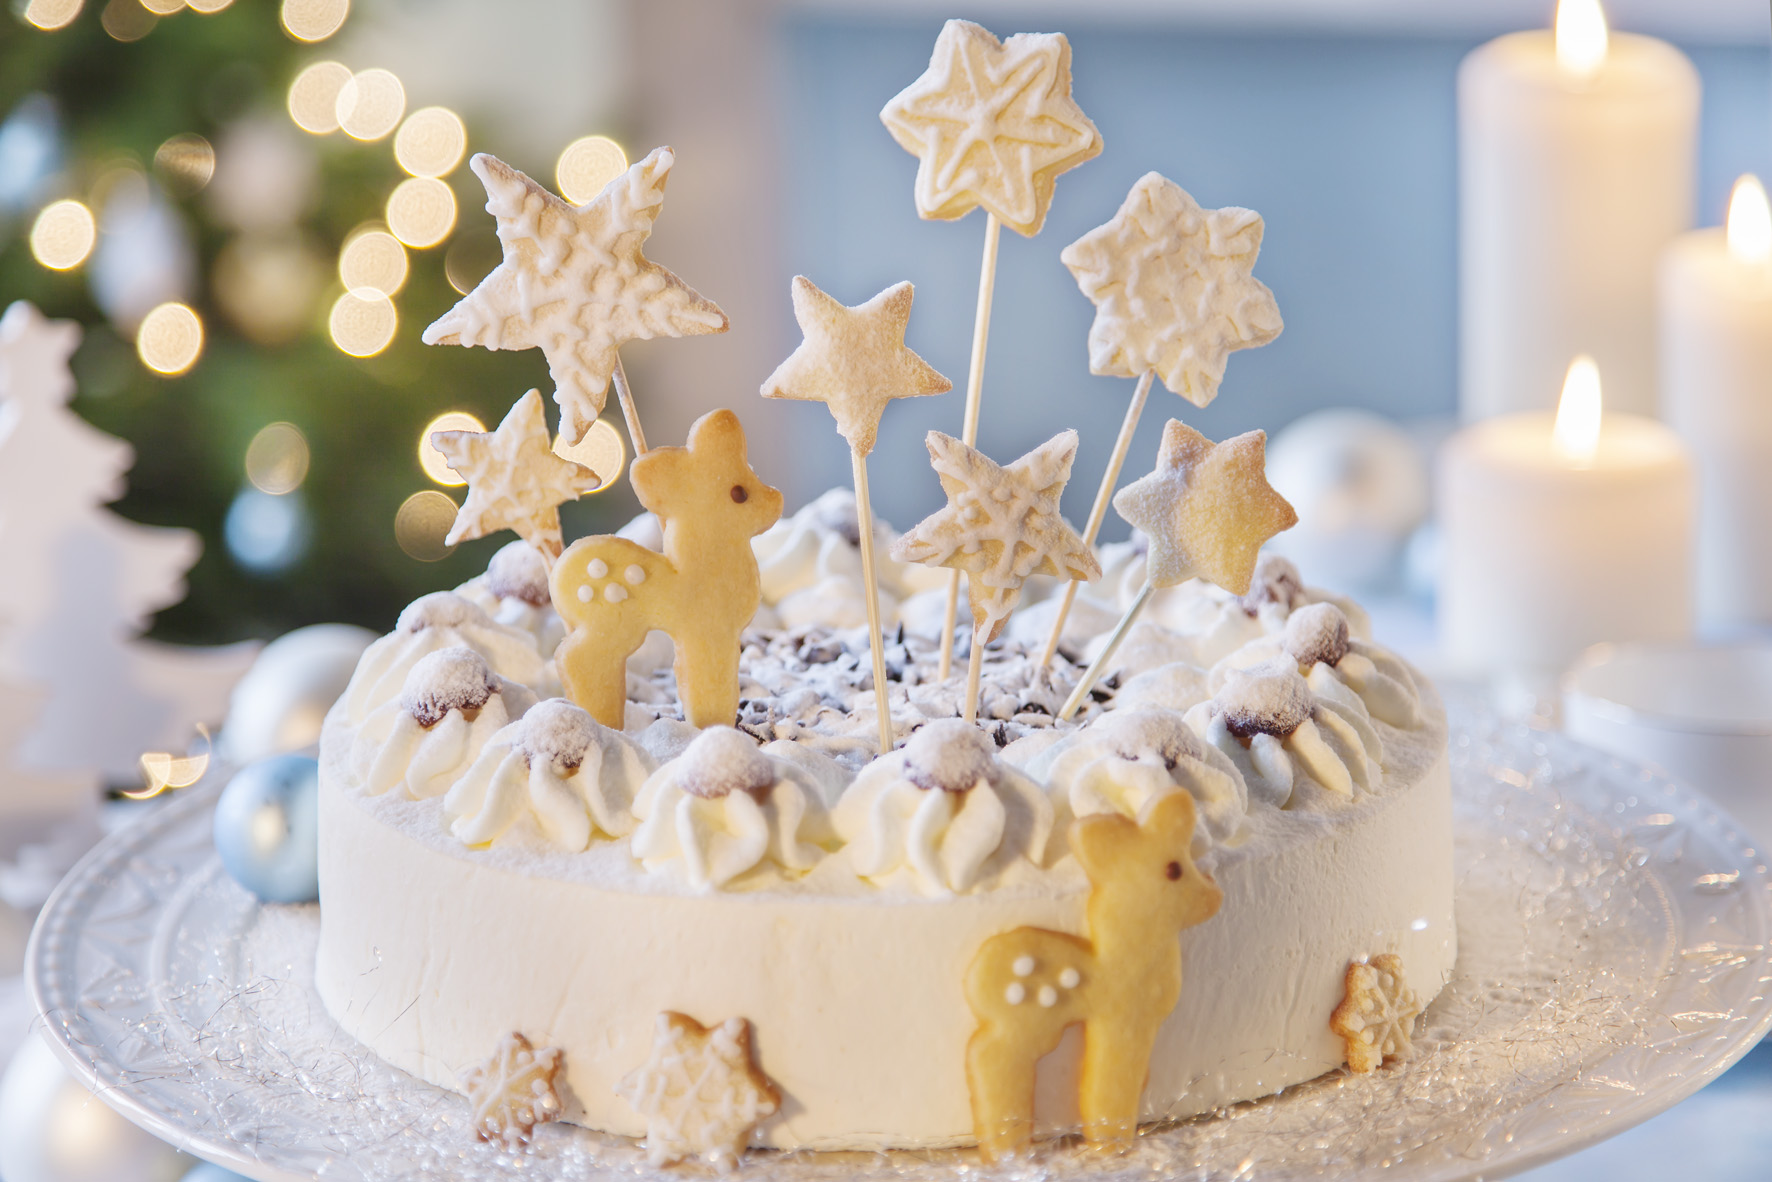 Weihnachtstorte mit Rekitzen aus Keks verzieren